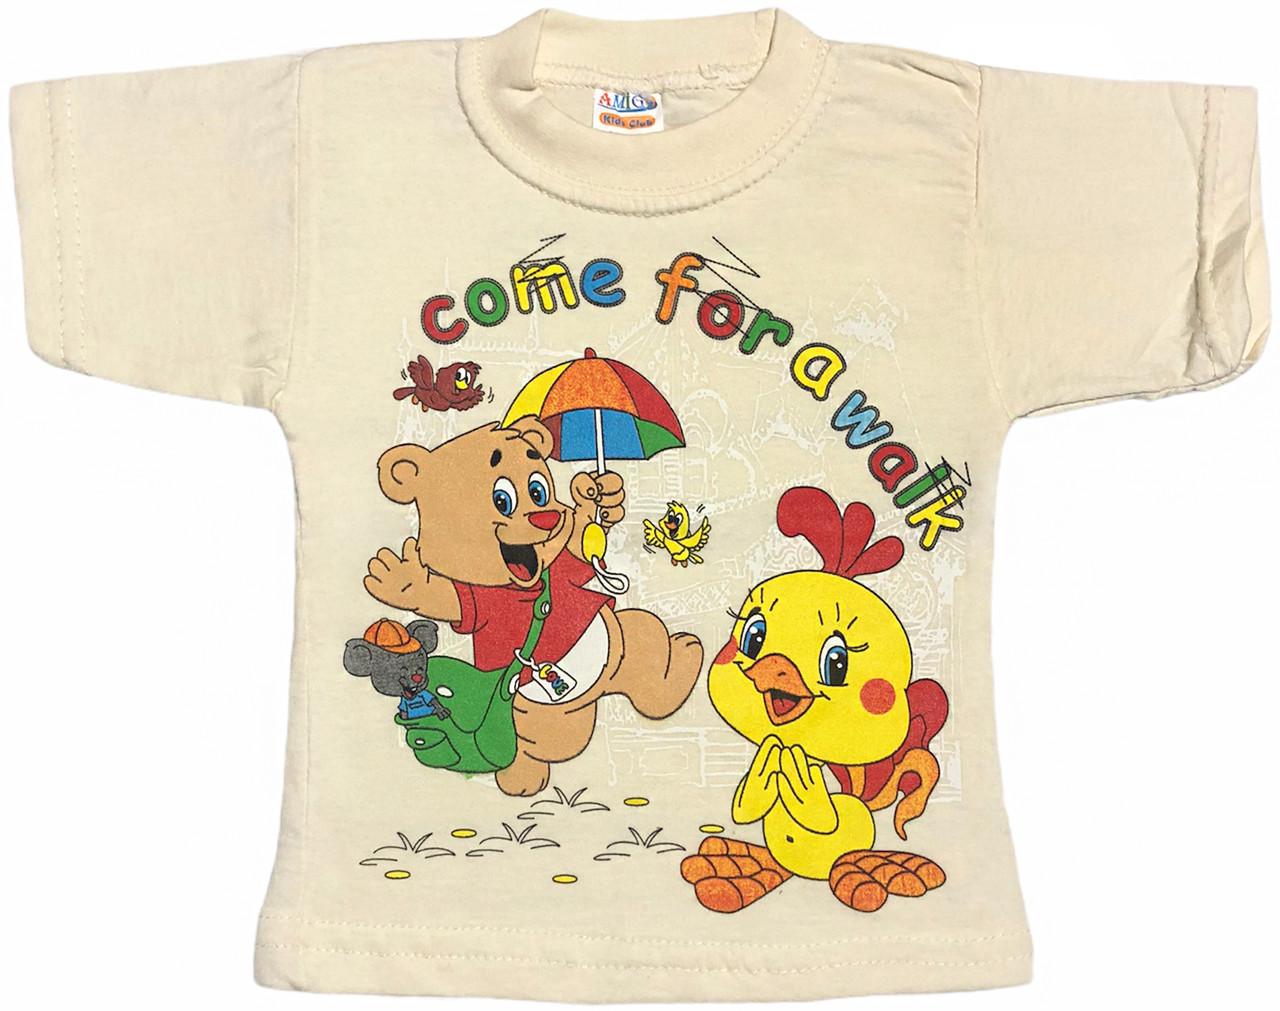 Дитяча футболка для новонароджених малюків ріст 80 9-12 міс на хлопчика дівчинку гарна трикотажна молочна